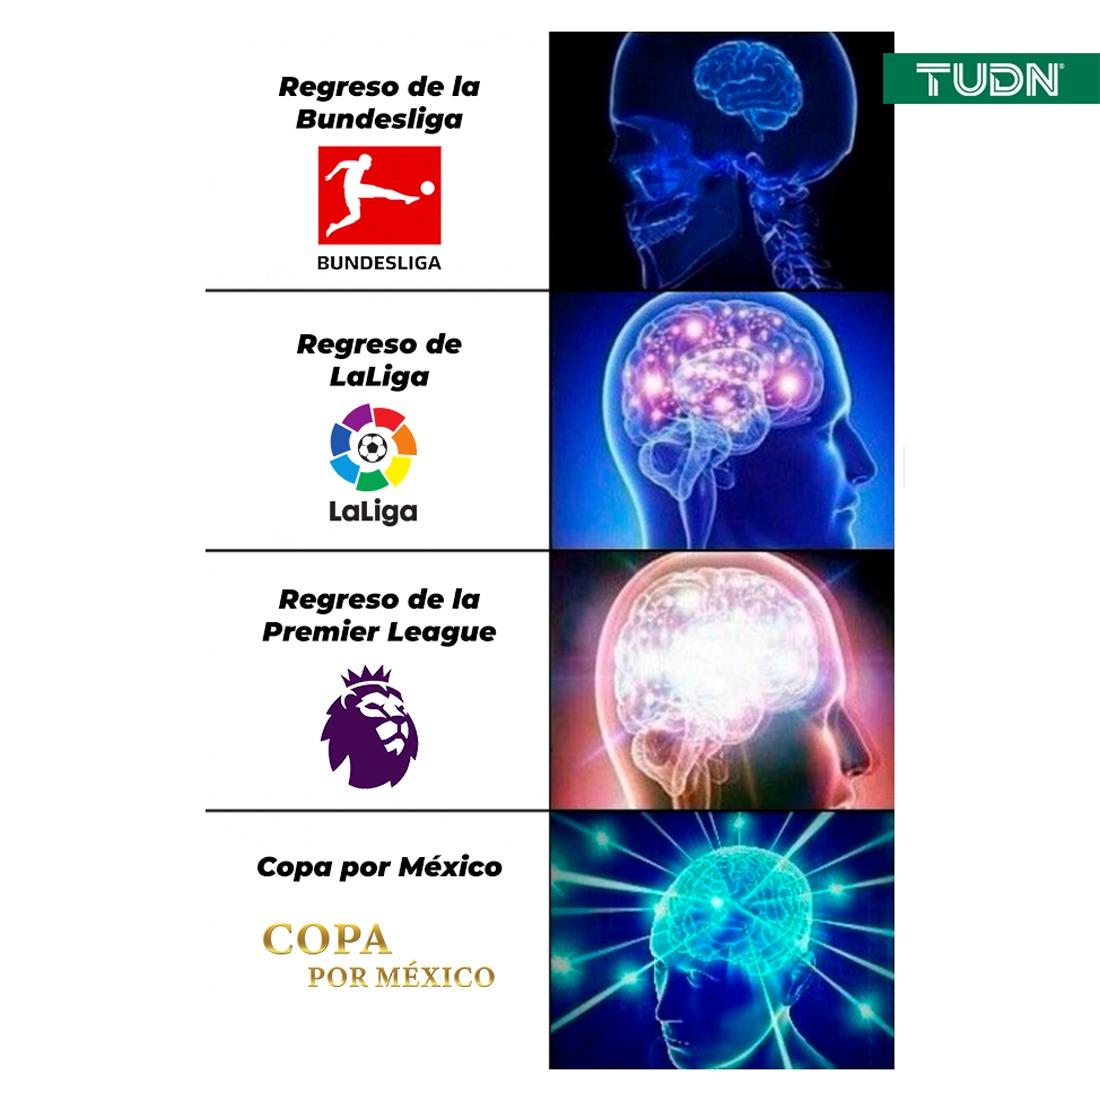 Vuelve Futbol Mexicano Disfrutar Puedes Imaginar Copaporm Exico Futbol Meme Univision Deportes Scoopnest